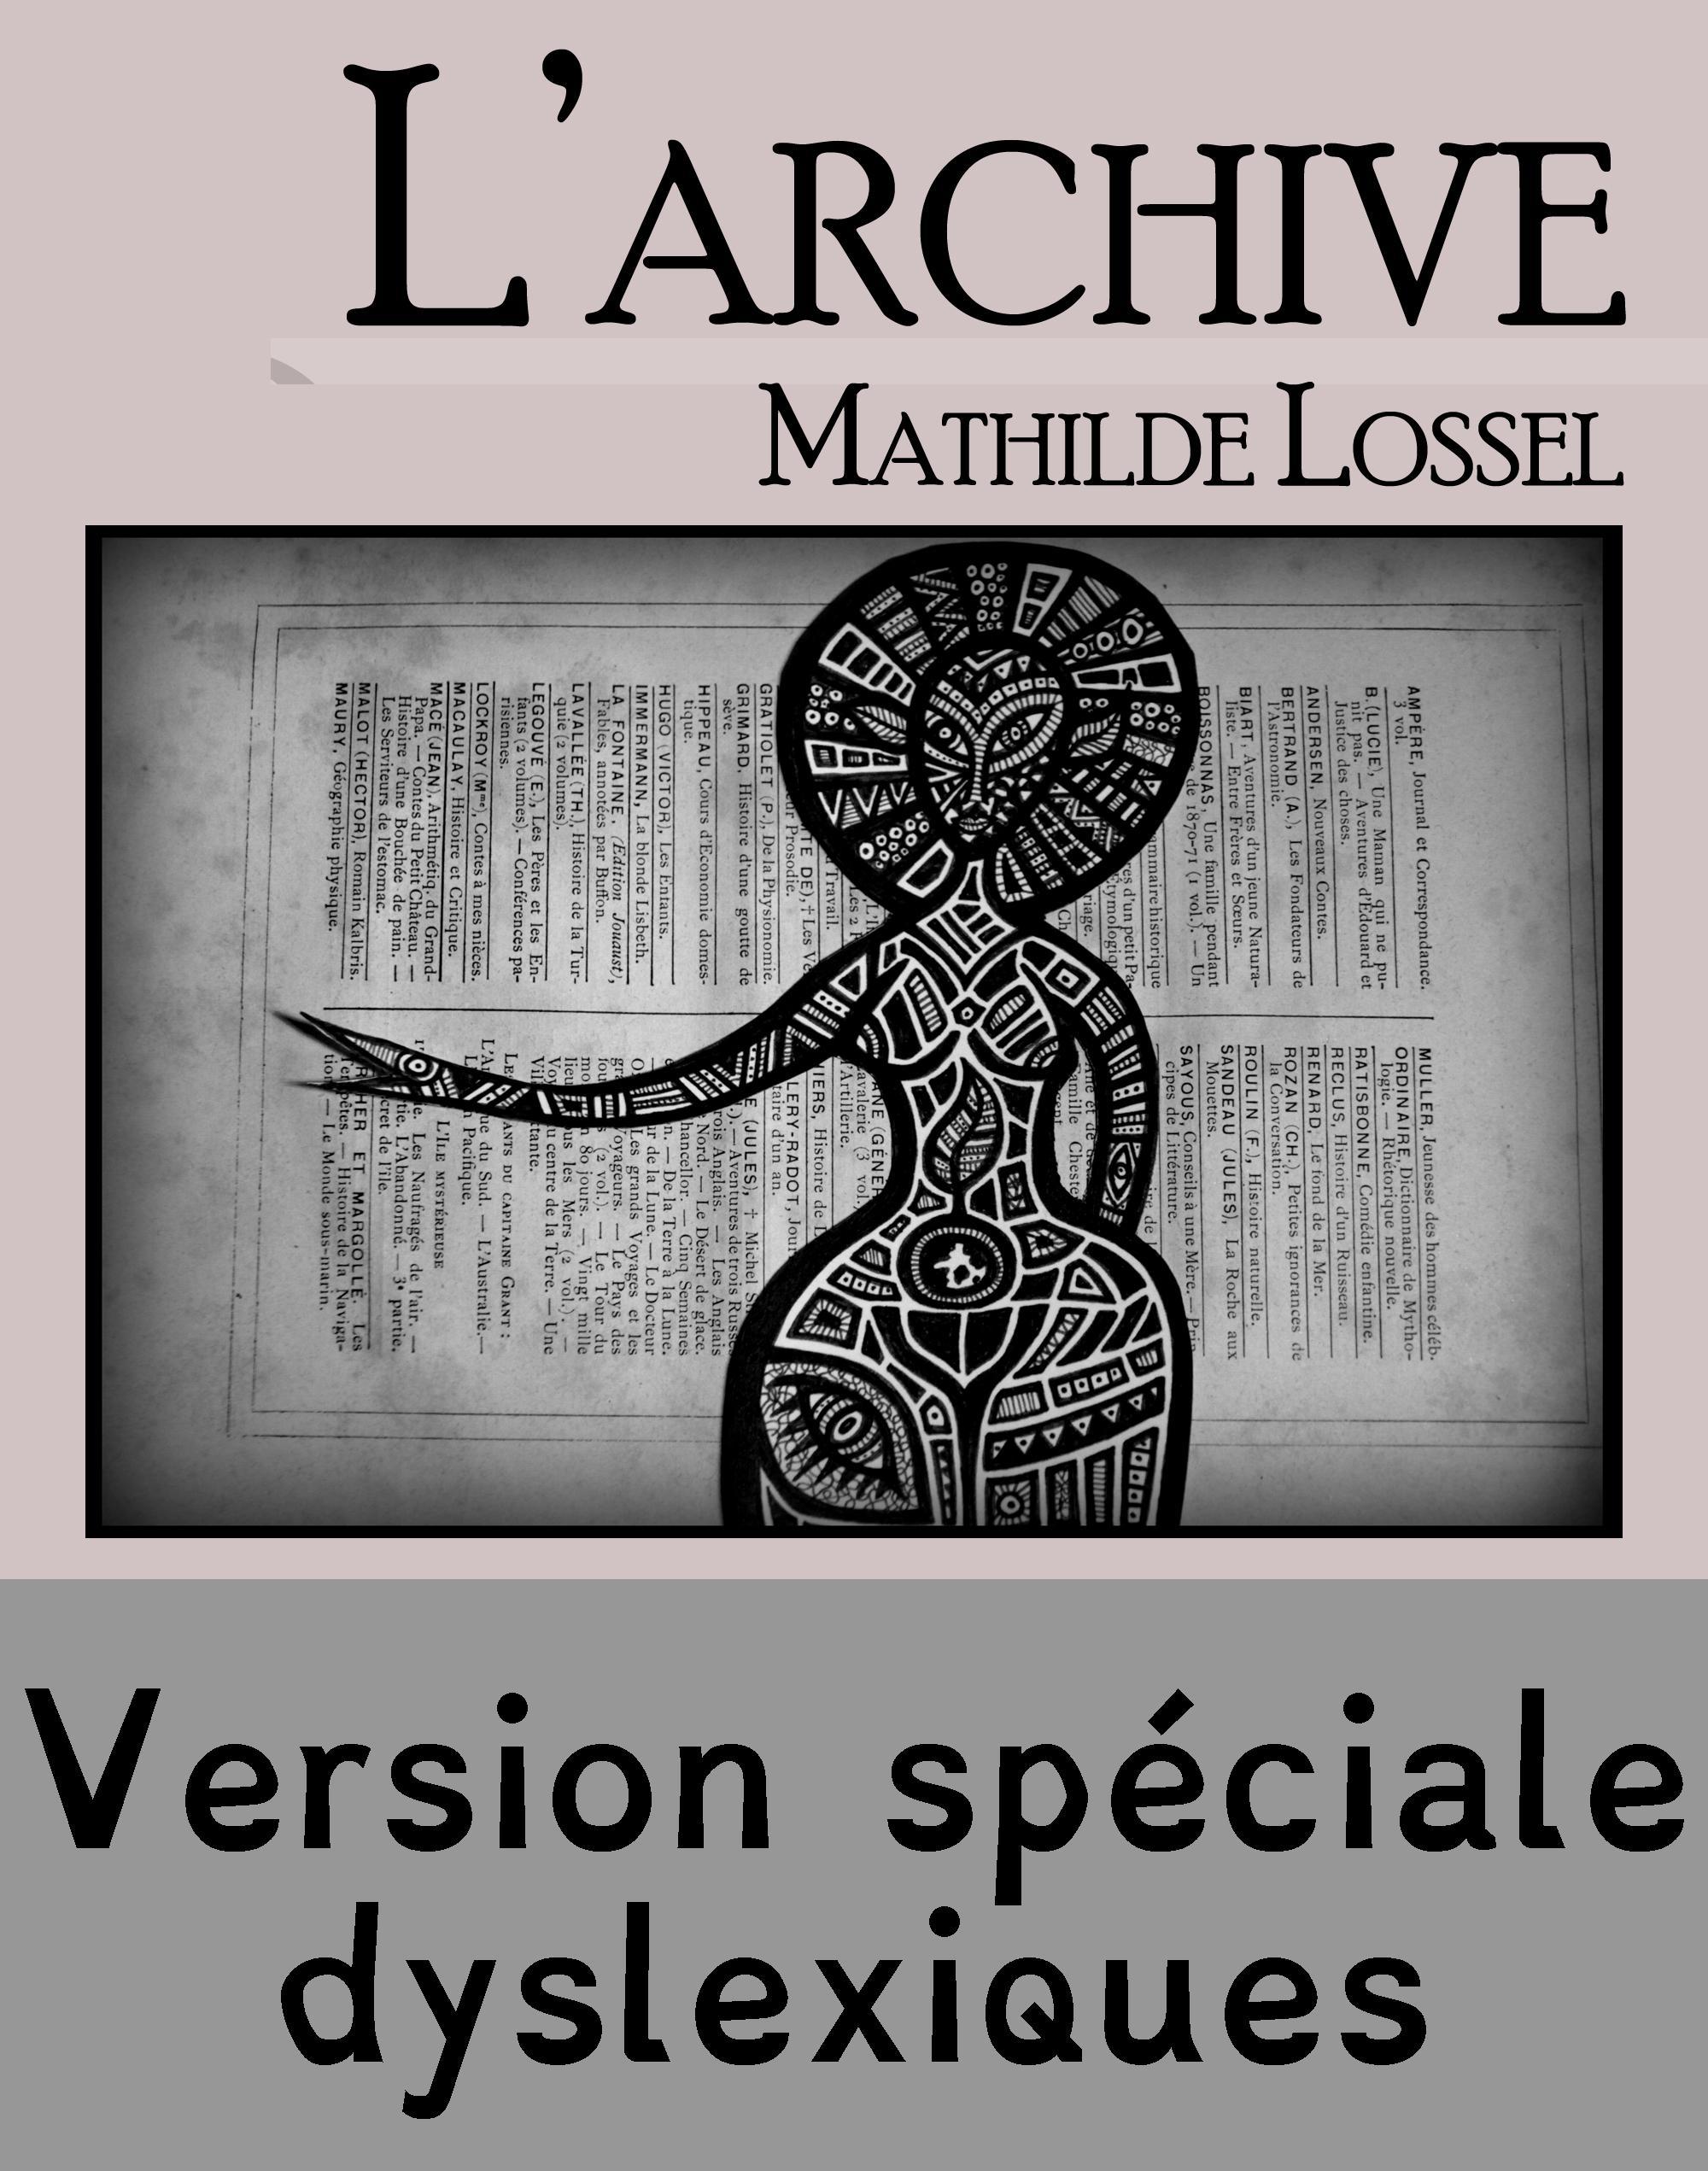 L'Archive - Edition spéciale dyslexiques, TEXTE INTÉGRAL